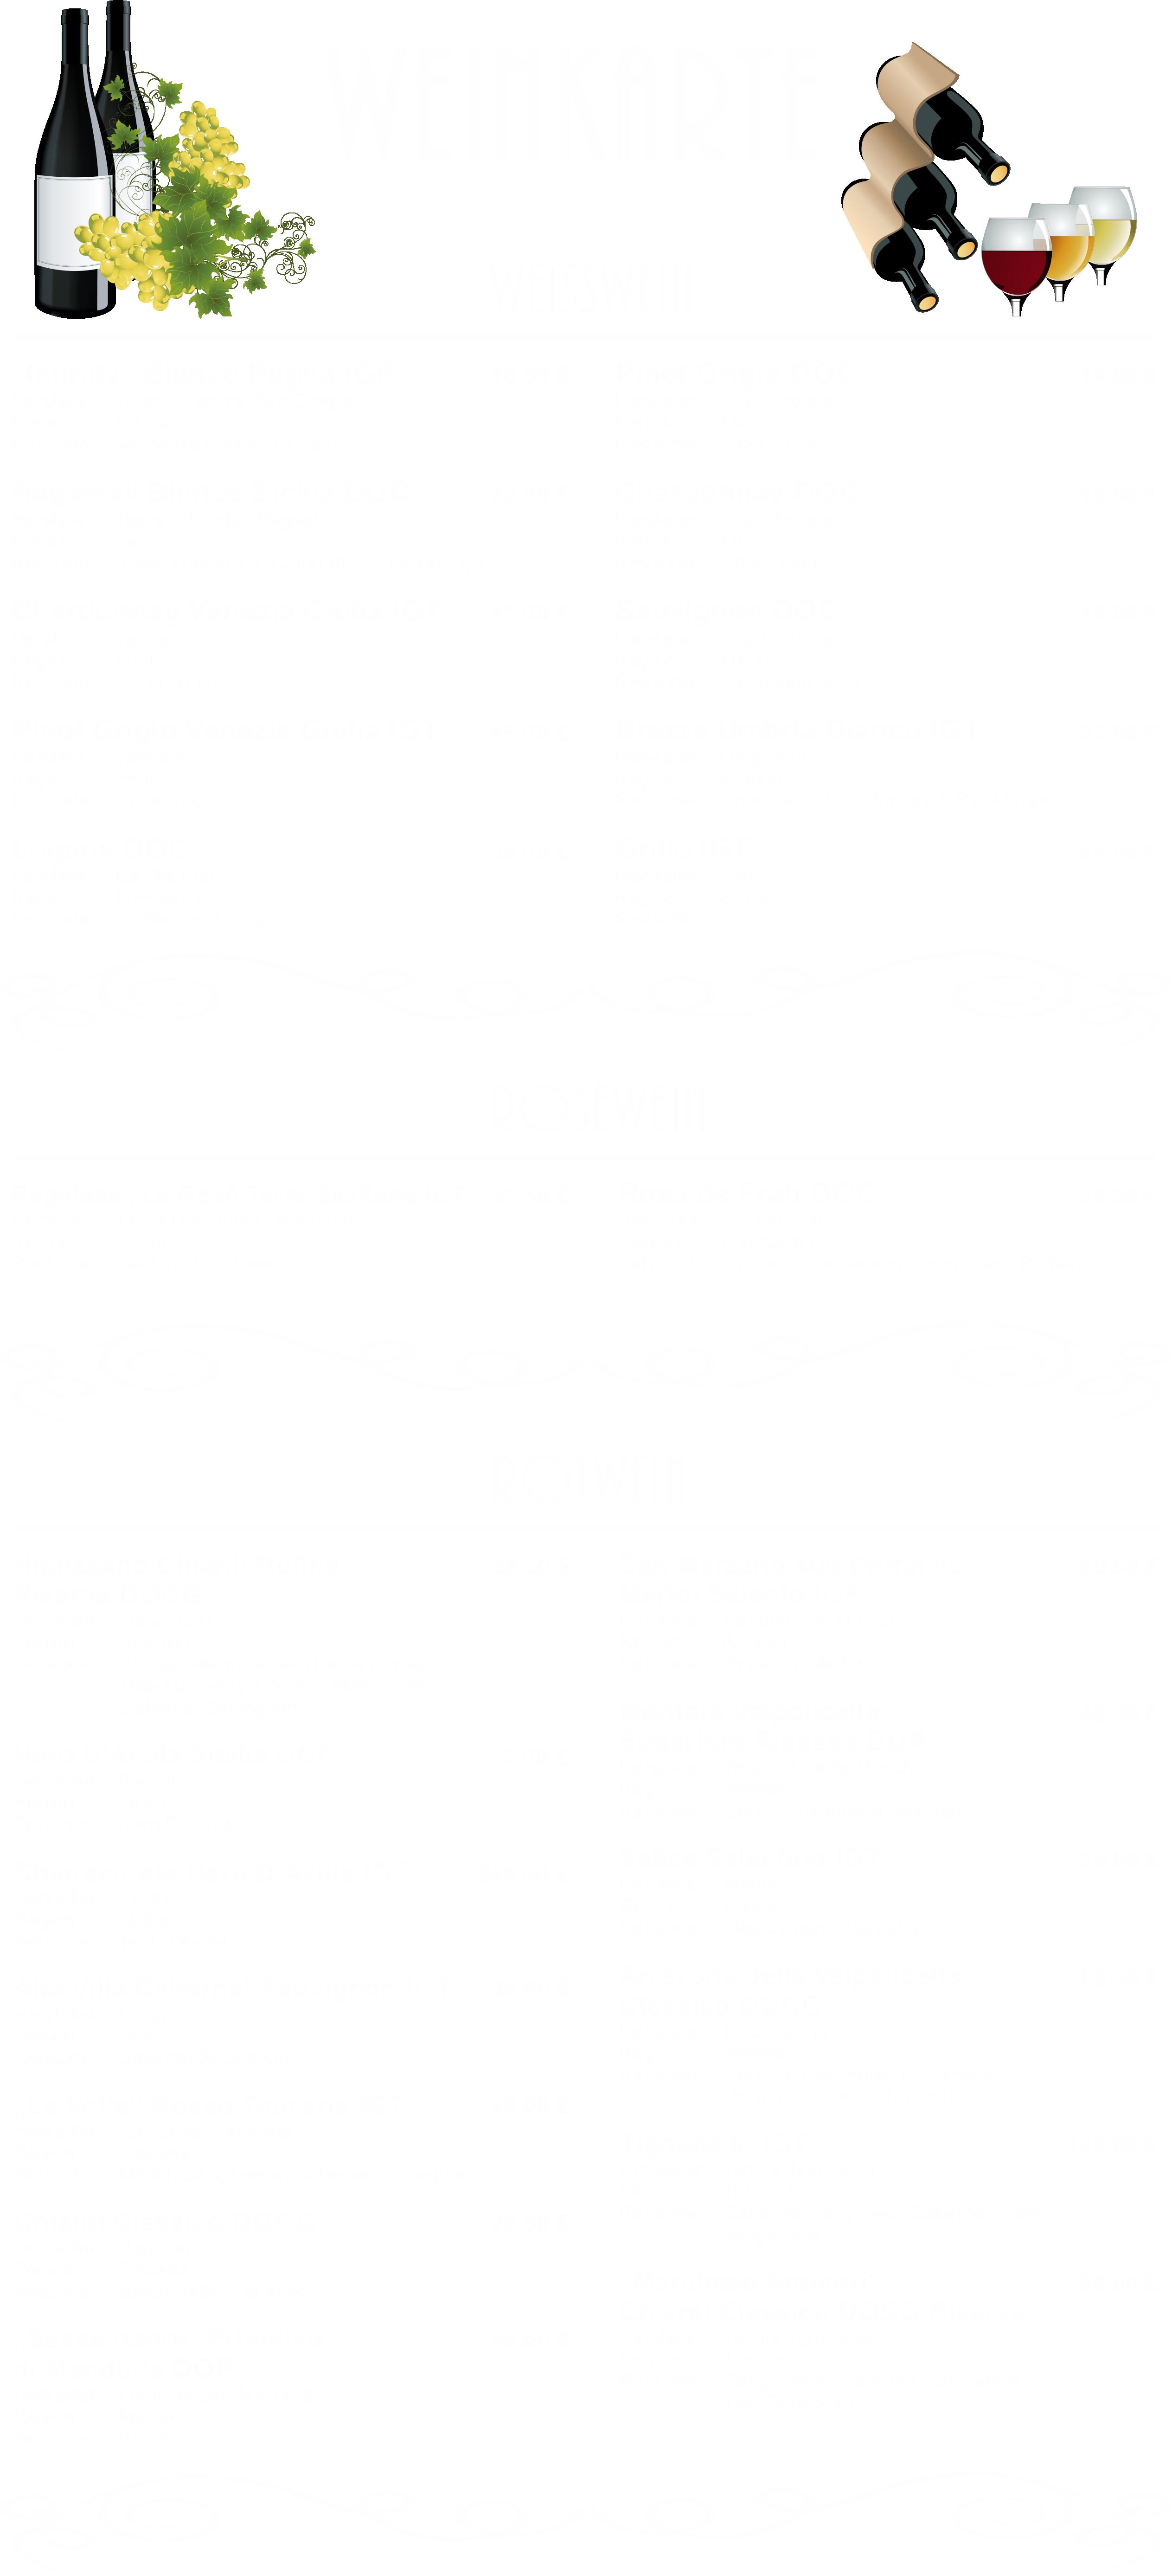 2018-01-07-weinkarte-scenario für web gesamt